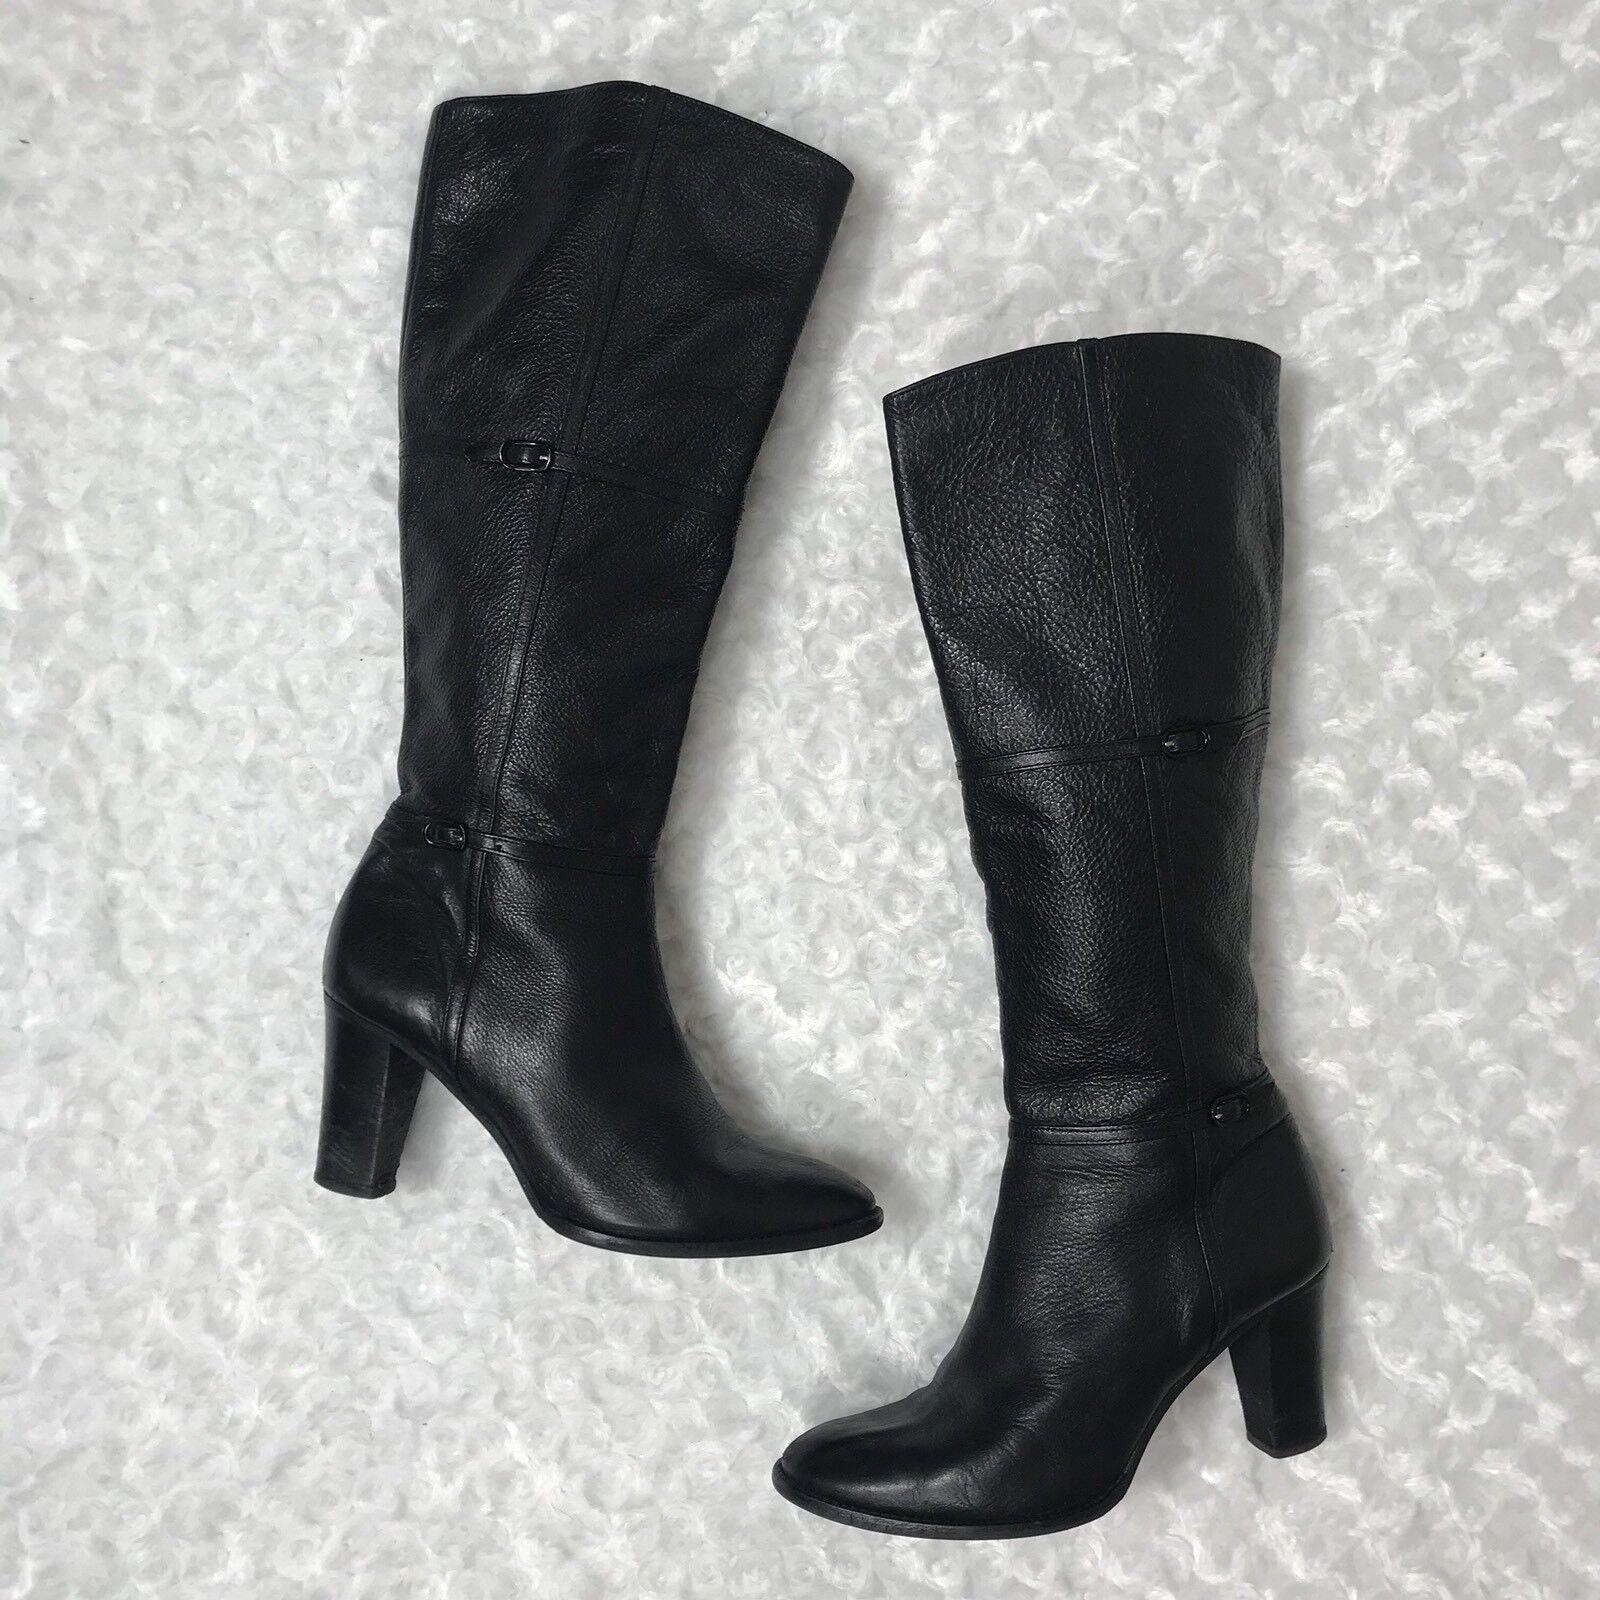 J Crew 9 Rare Black Leather Knee High Tall Long Beckett High-Heel Boots 385